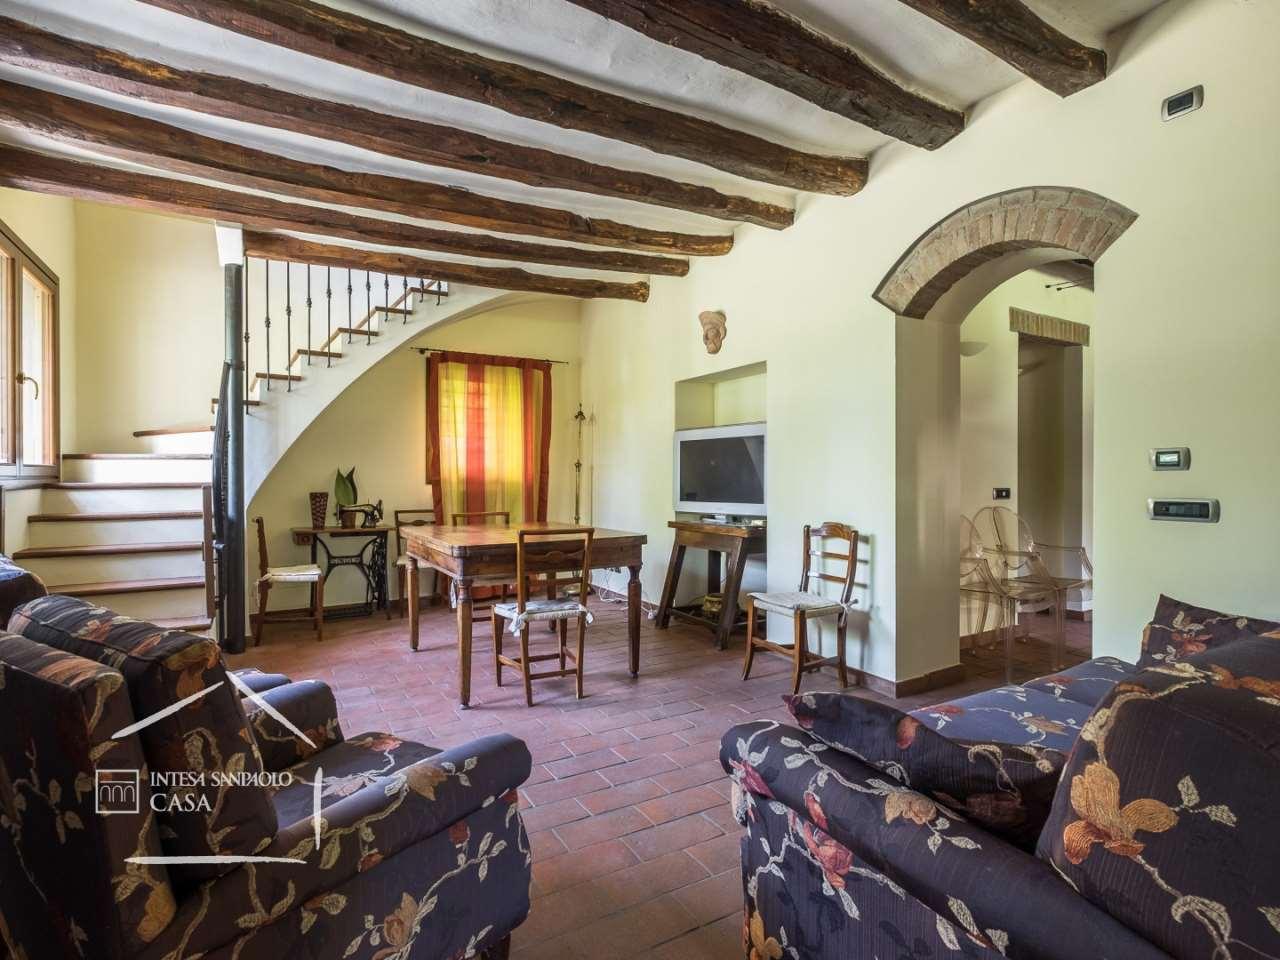 Casa indipendente in Vendita a Sasso Marconi via maranina